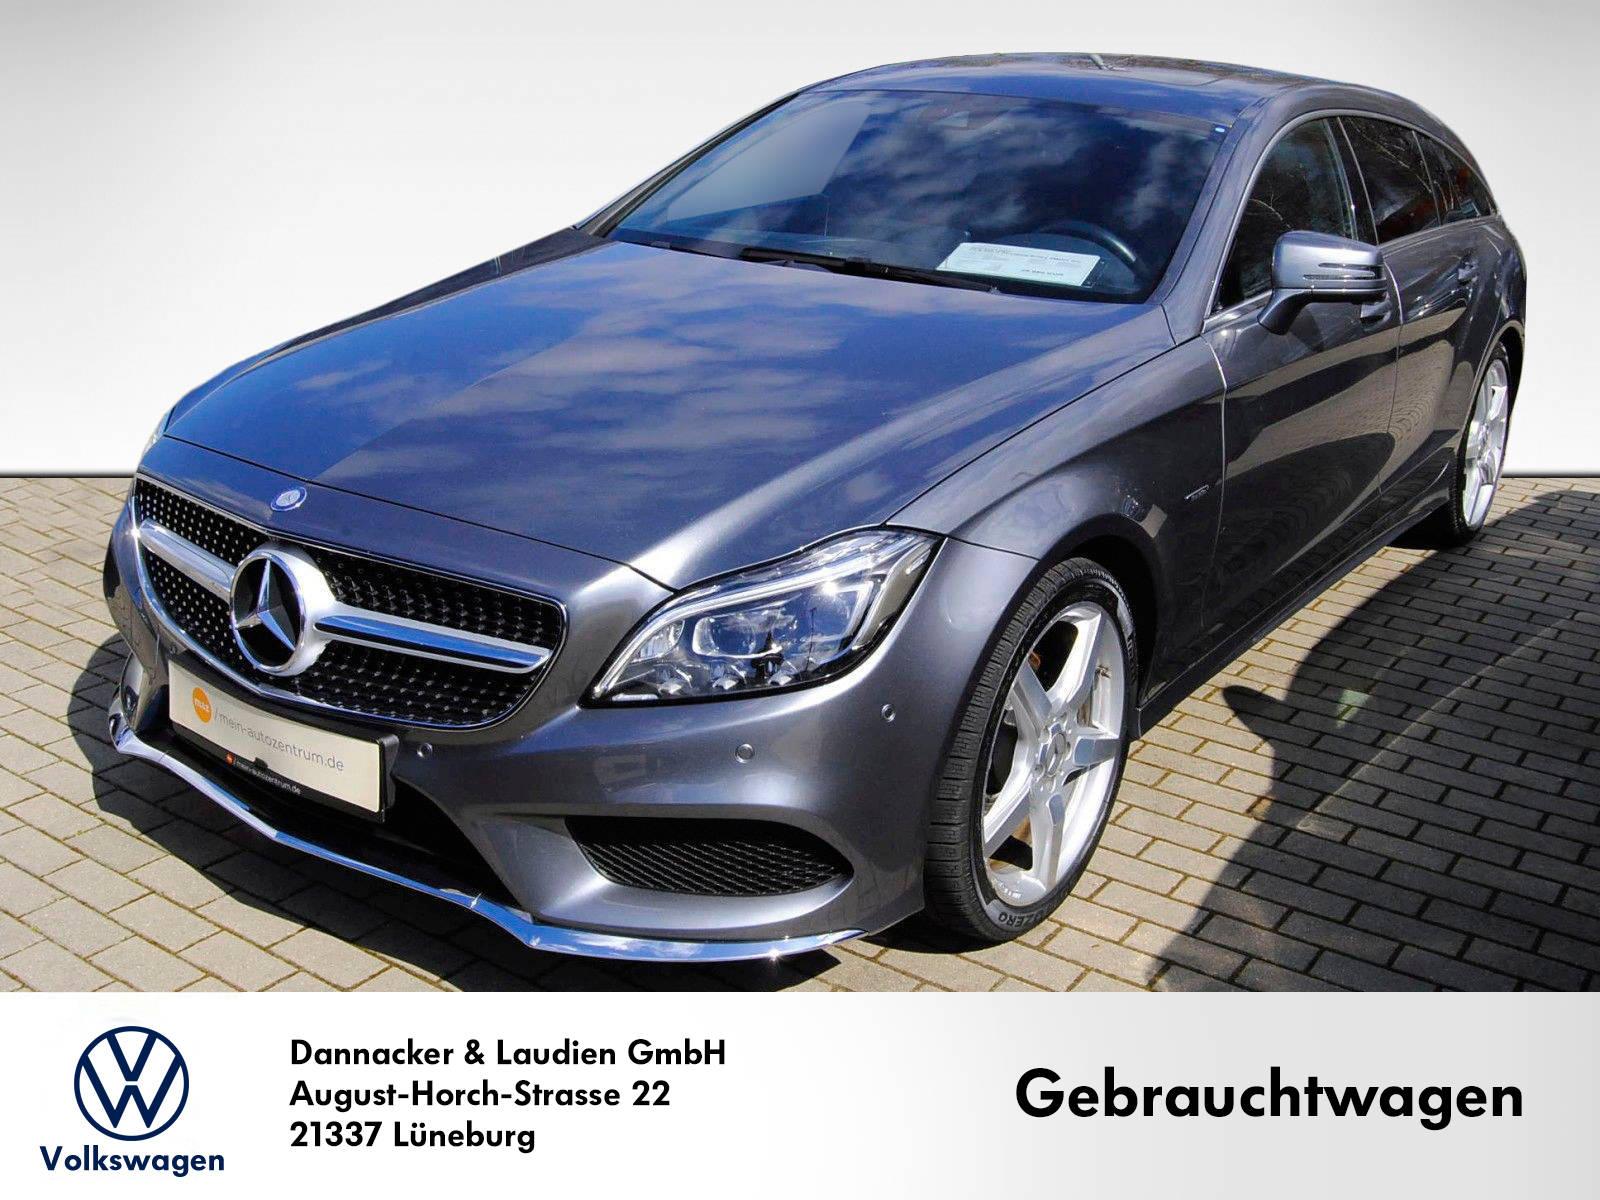 Mercedes-Benz CLS 250 d Shooting Brake 4Matic Alu LEDScheinw.Navi Leder FinalEdition, Jahr 2018, Diesel